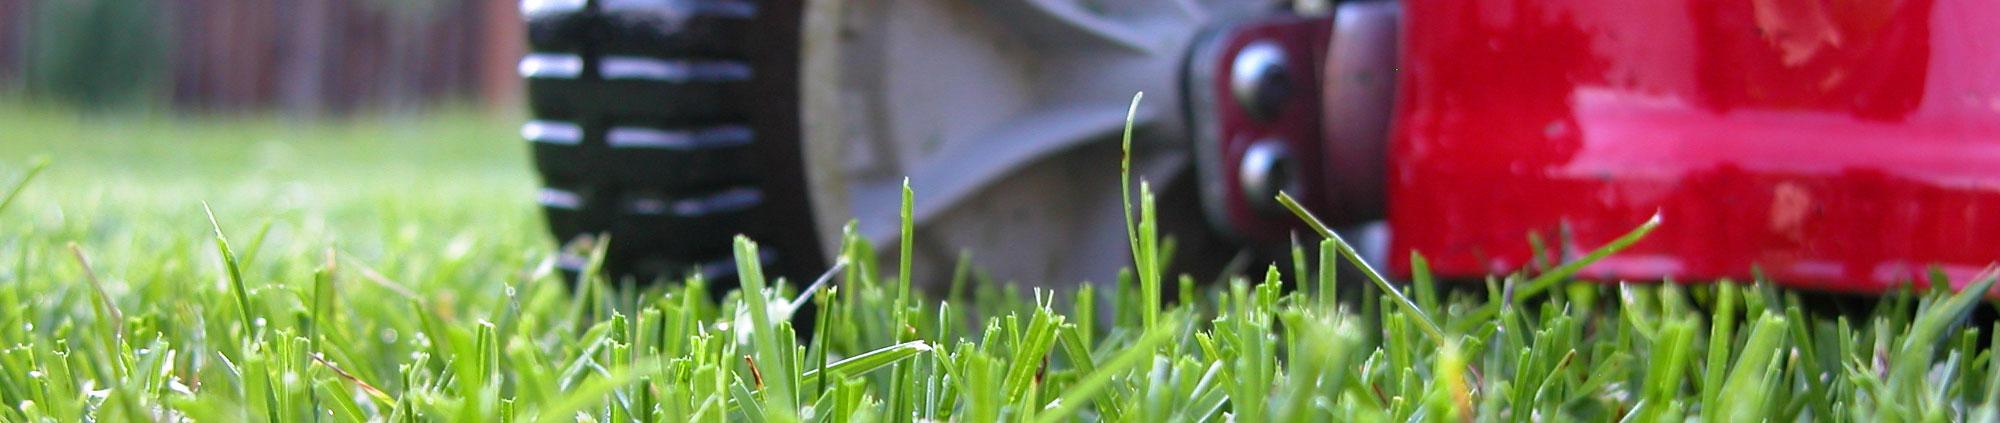 large-grasscut2